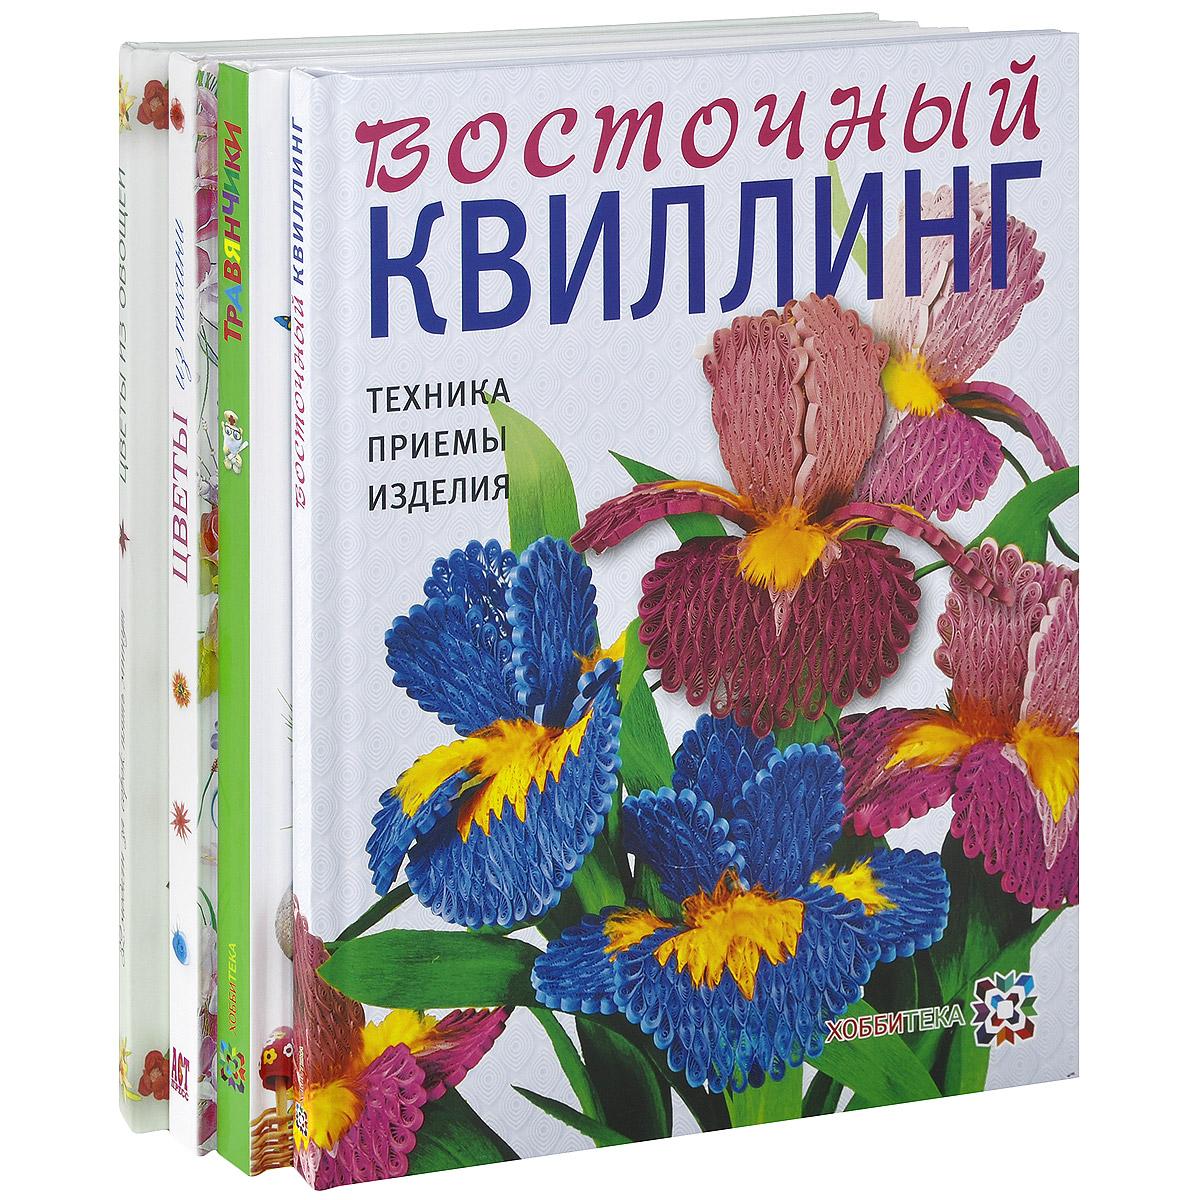 Весенние поделки (комплект из 4 книг)